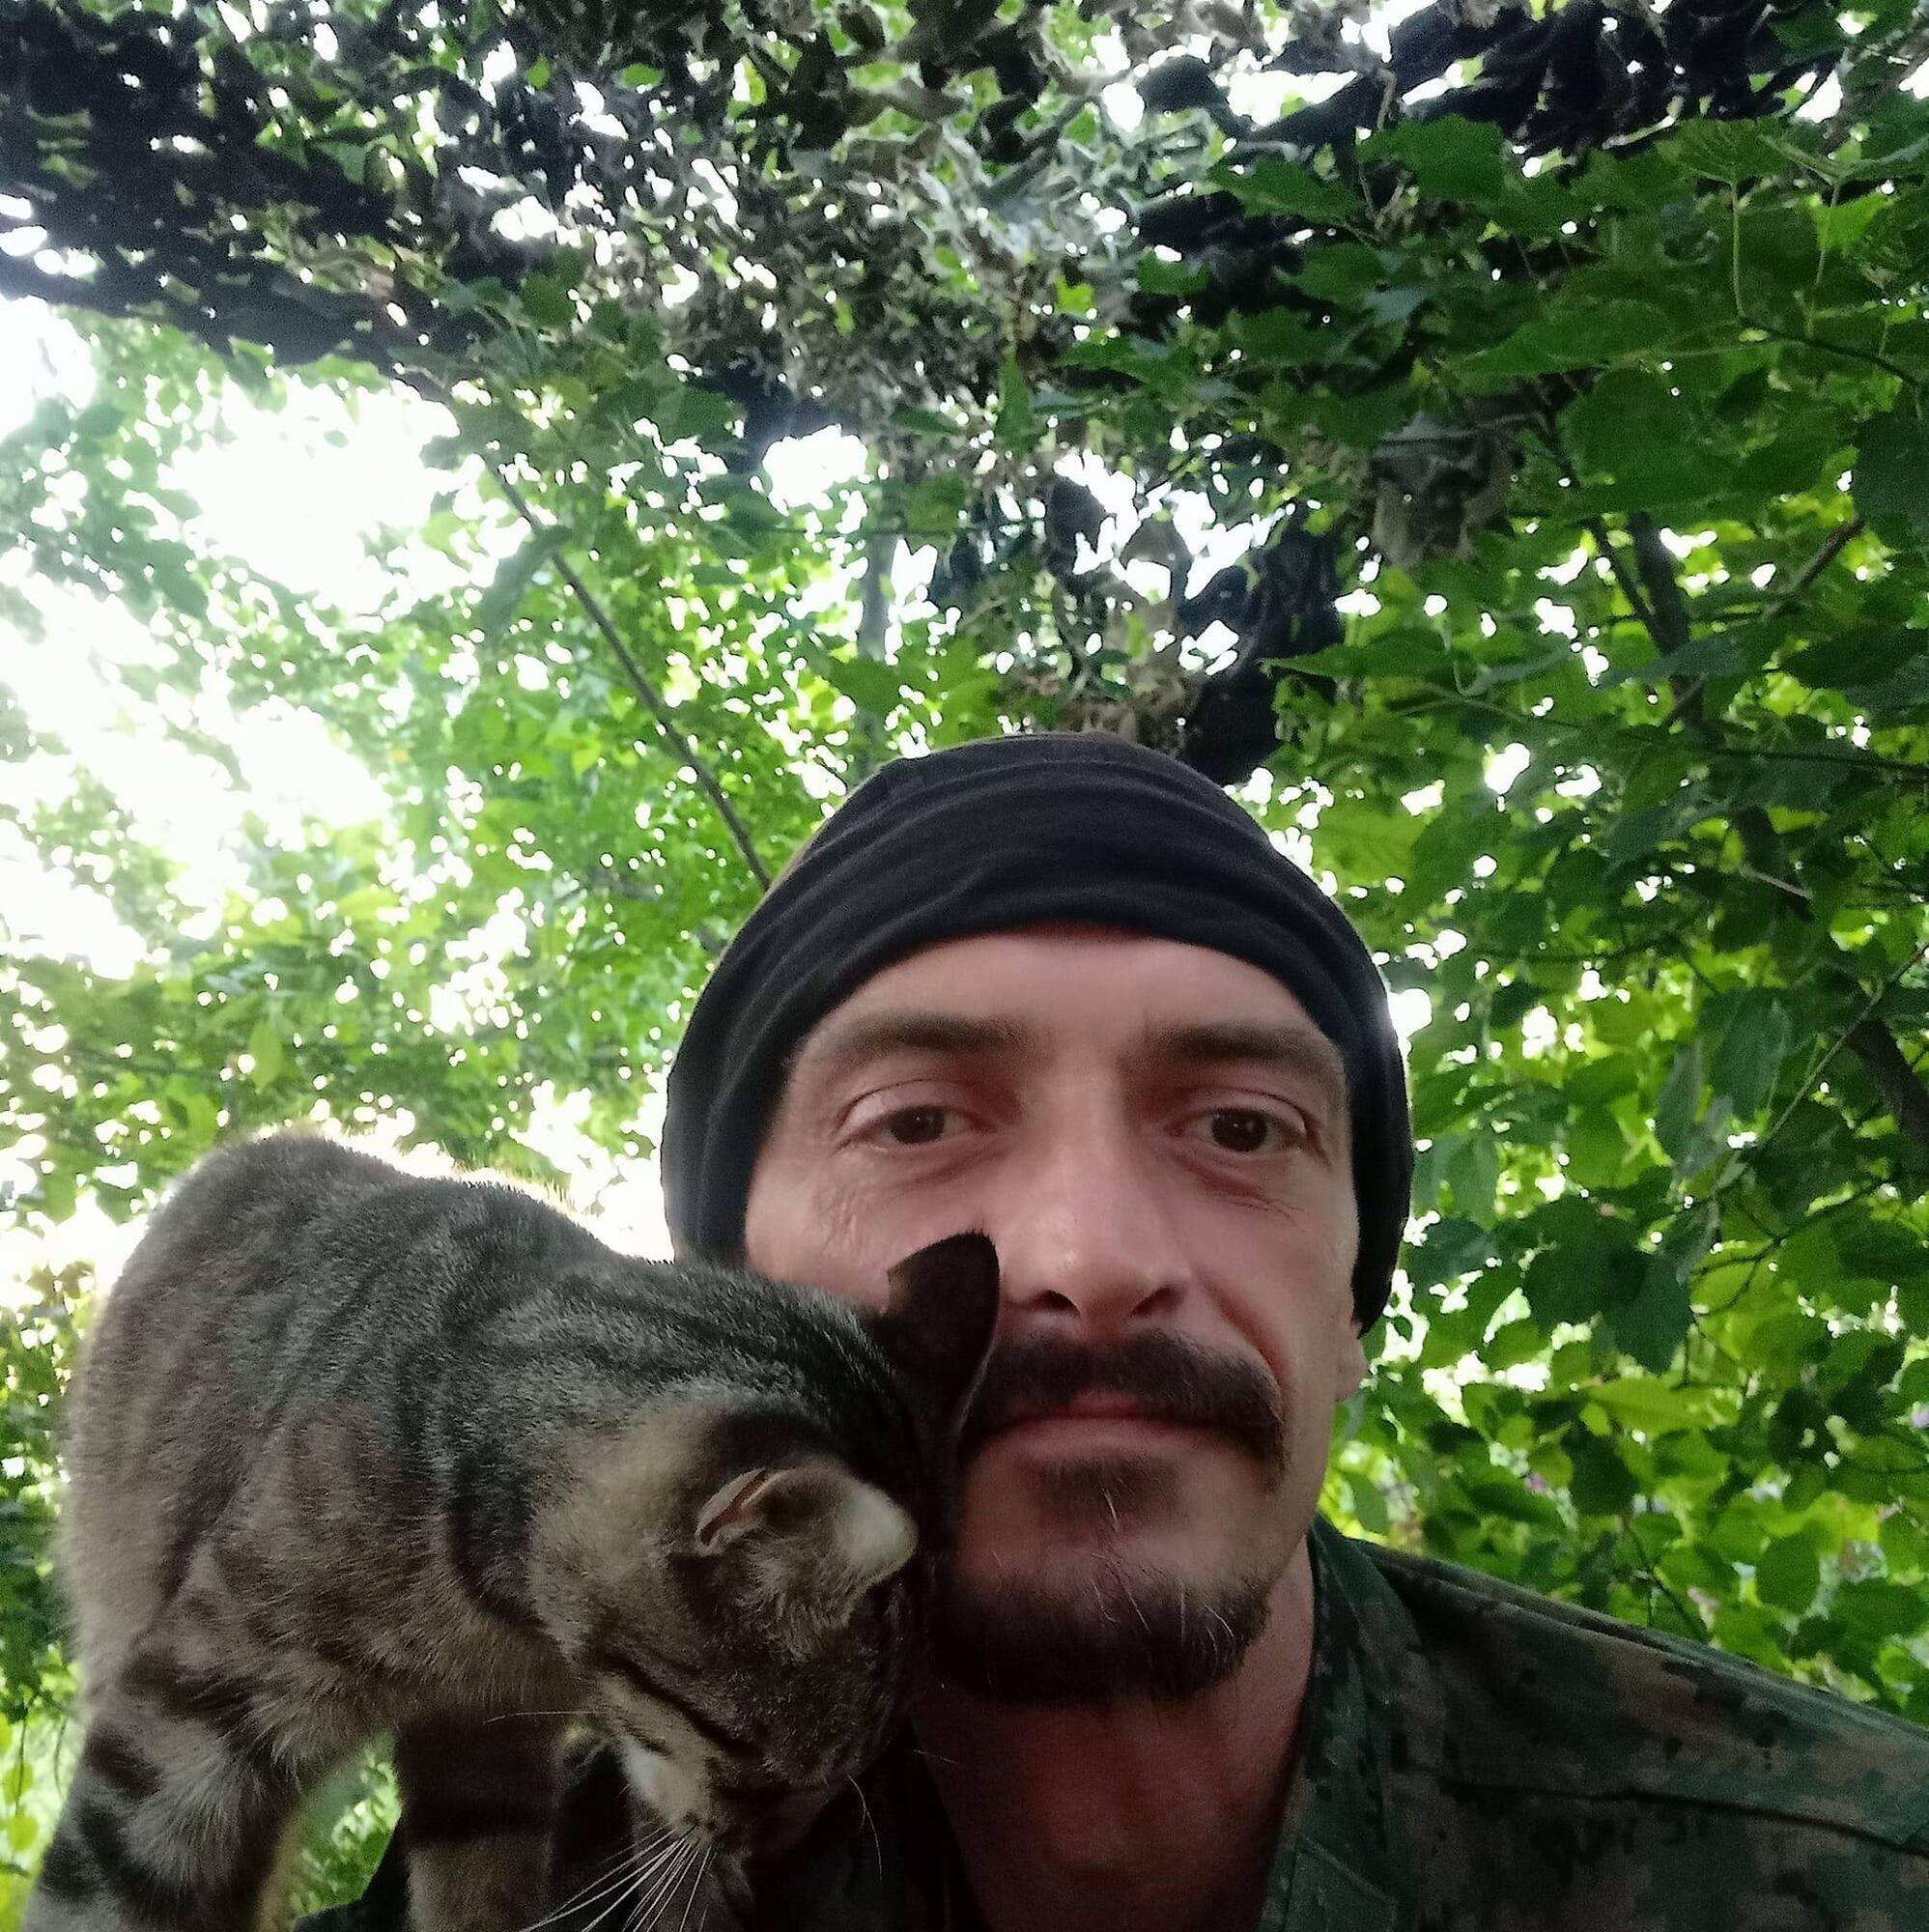 Старший солдат Володимир Яськів на службу потрапив у 2019 році